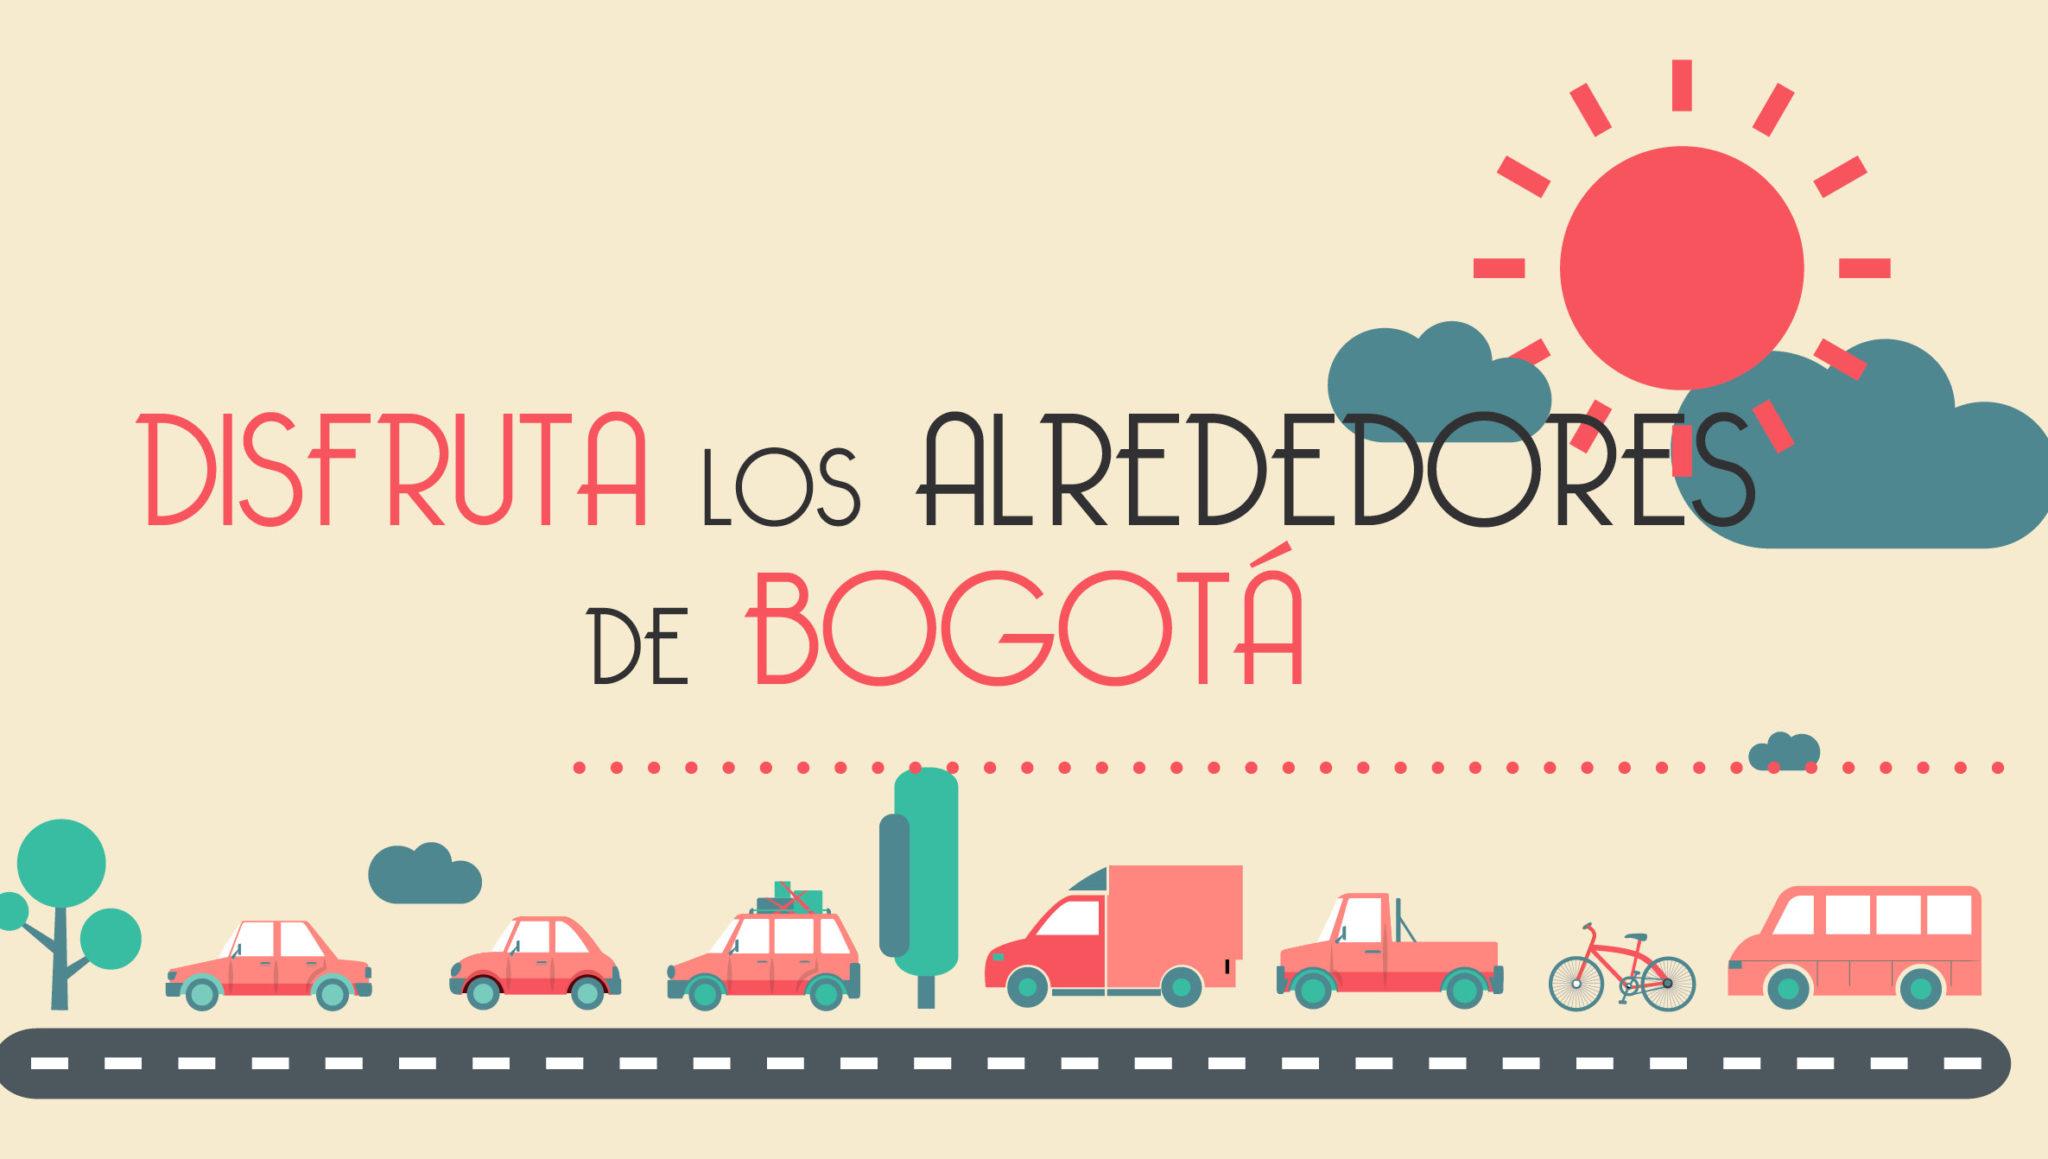 Disfruta los alrededores de Bogotá